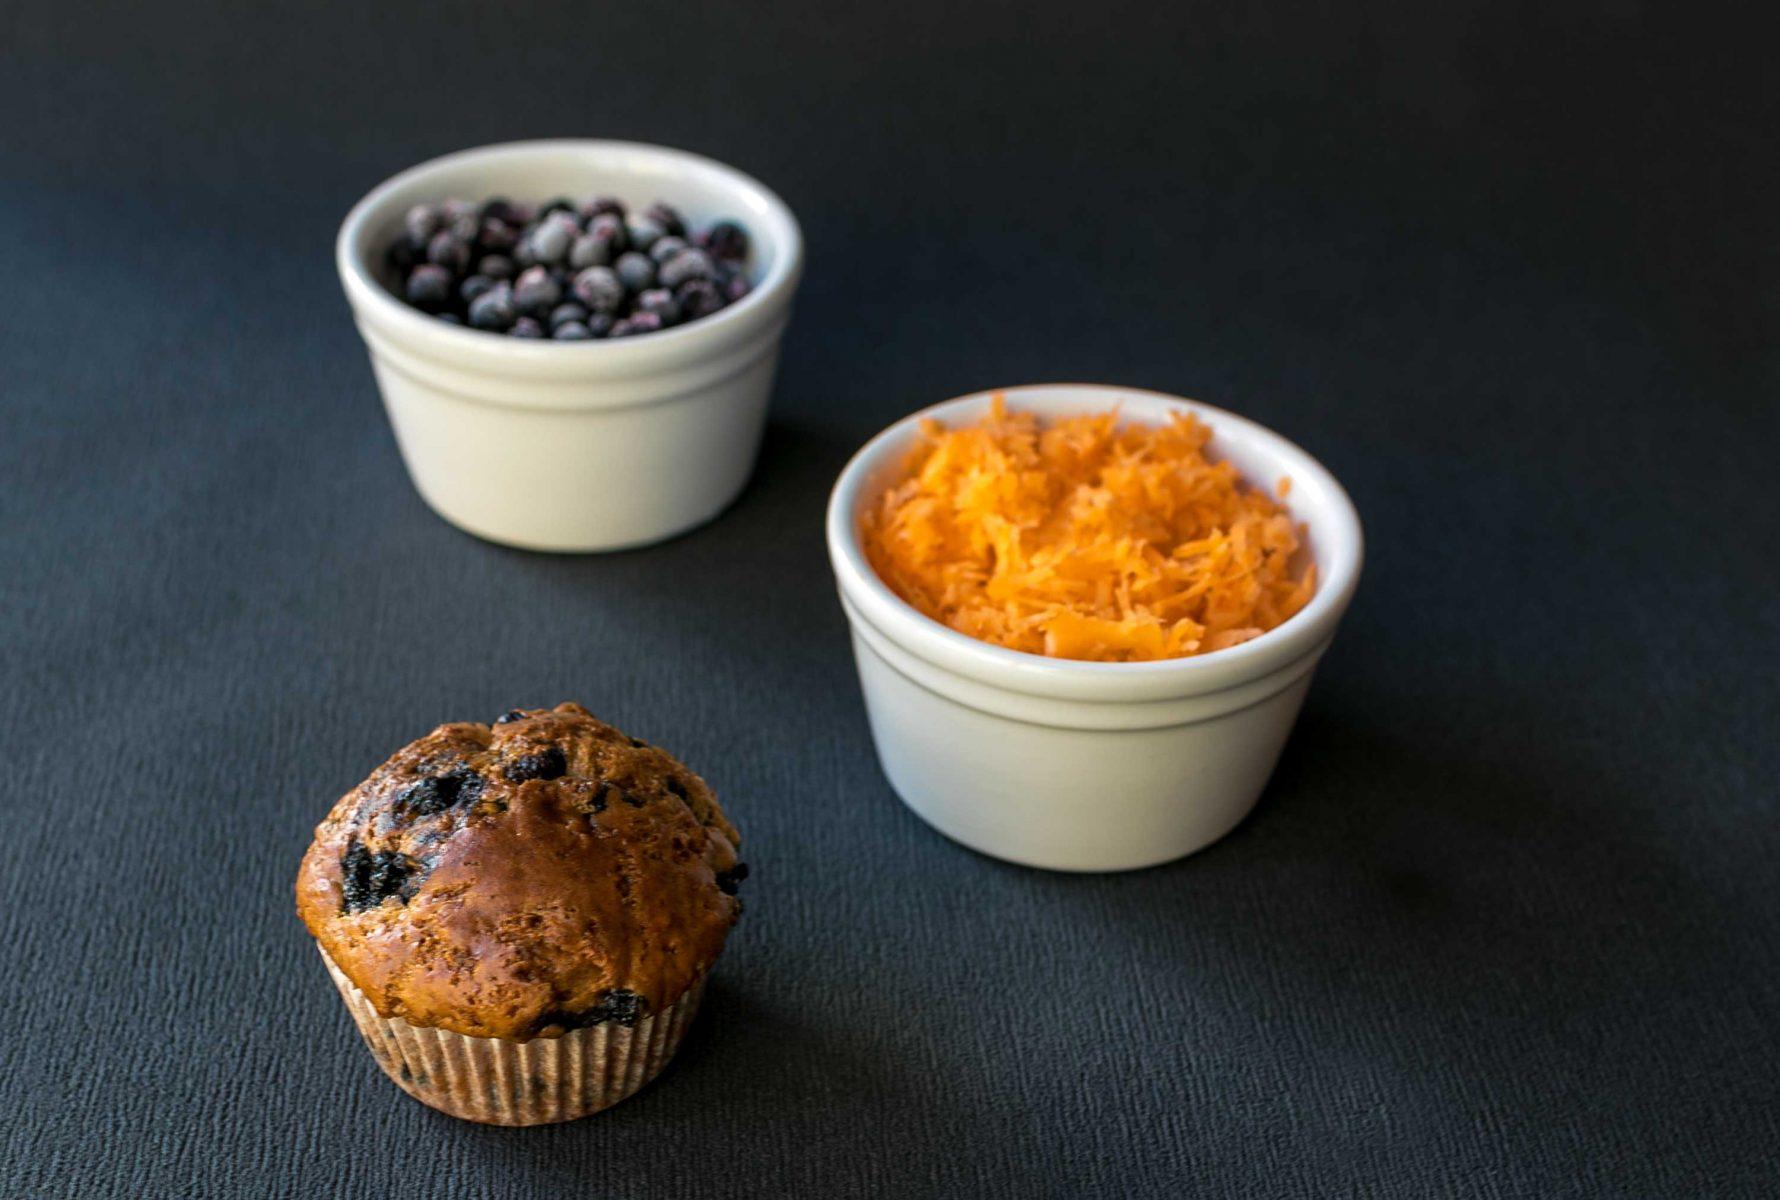 Muffin s dvoma bielymi miskami s nastruhanou mrkvou a cucoriedkami.